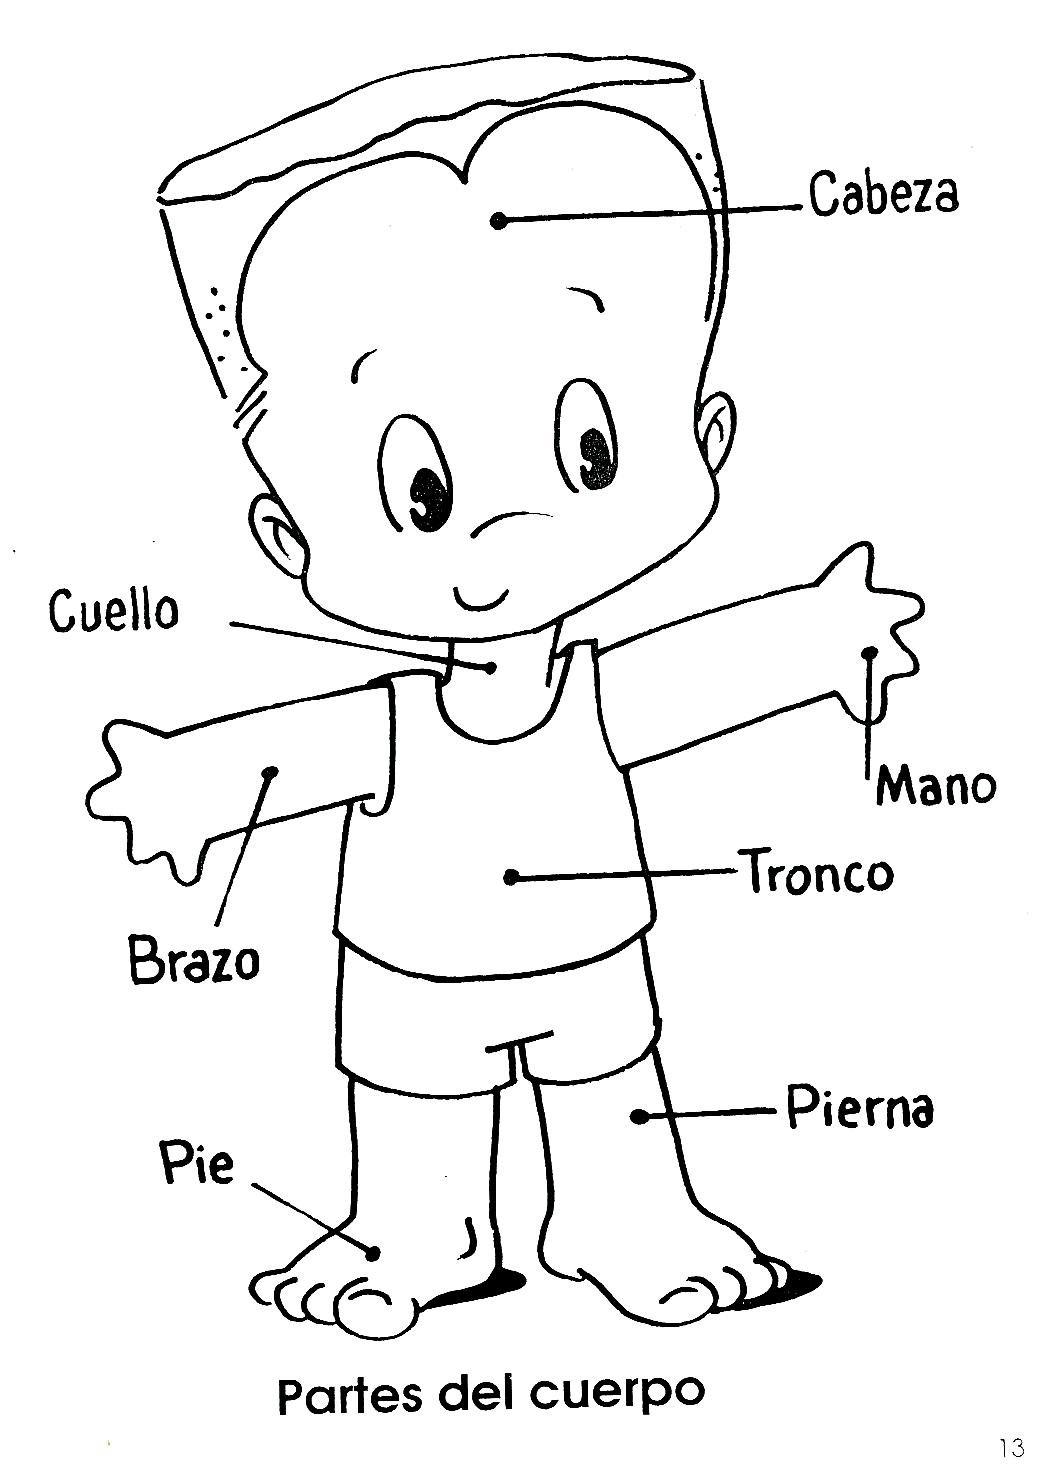 Las partes del cuerpo humano cancion infantil